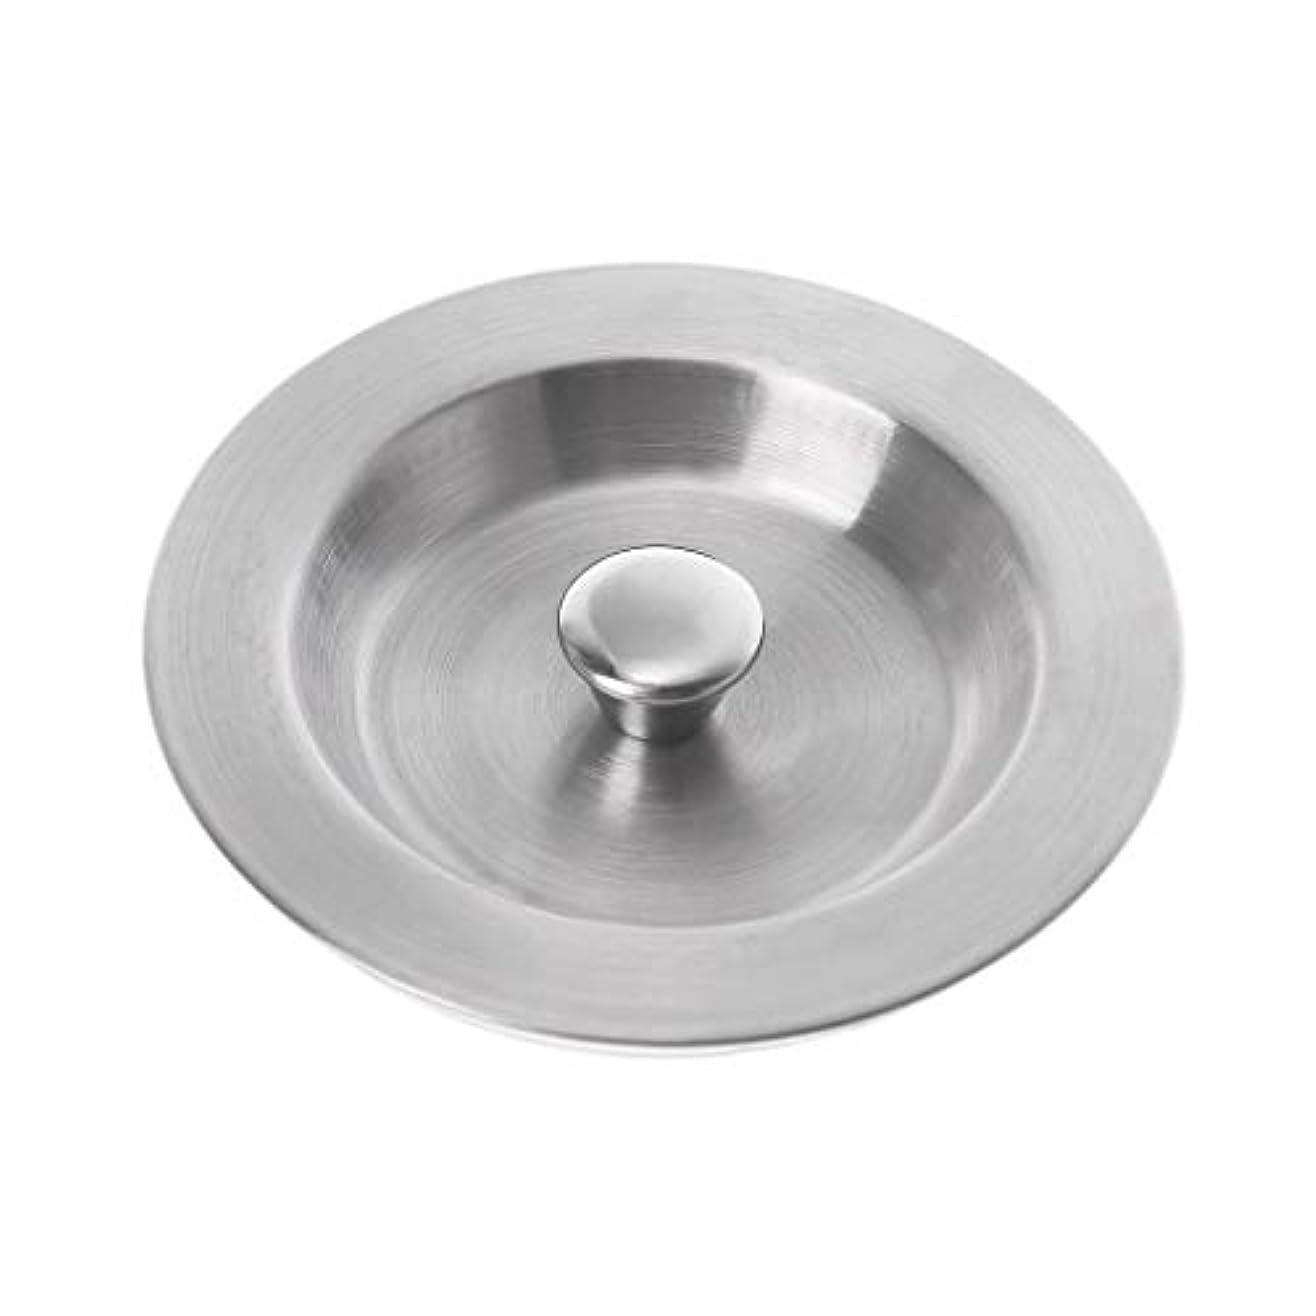 評価可能可決縁石Lamdooキッチンステンレス鋼浴槽フィルターシンクフロアプラグランドリーバスルームウォーターストッパーキャップツール